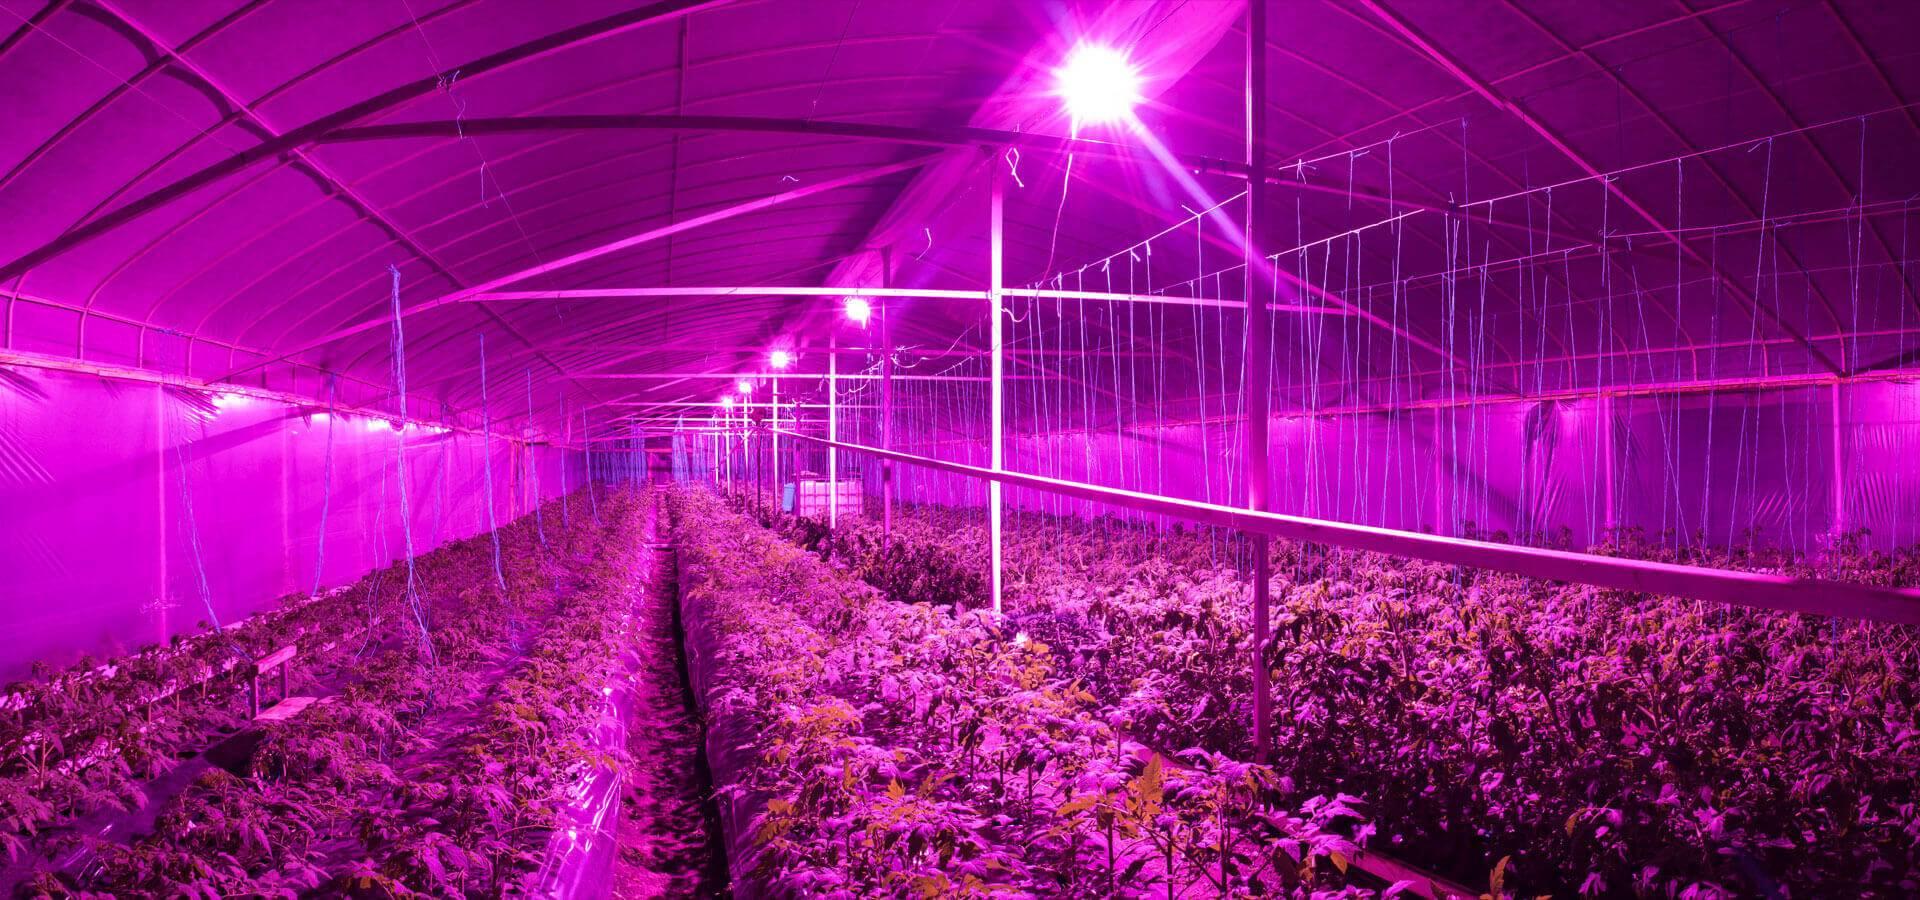 Система освещения растений в зимней теплице: как своими руками проложить электропроводку, и какие лампы лучше